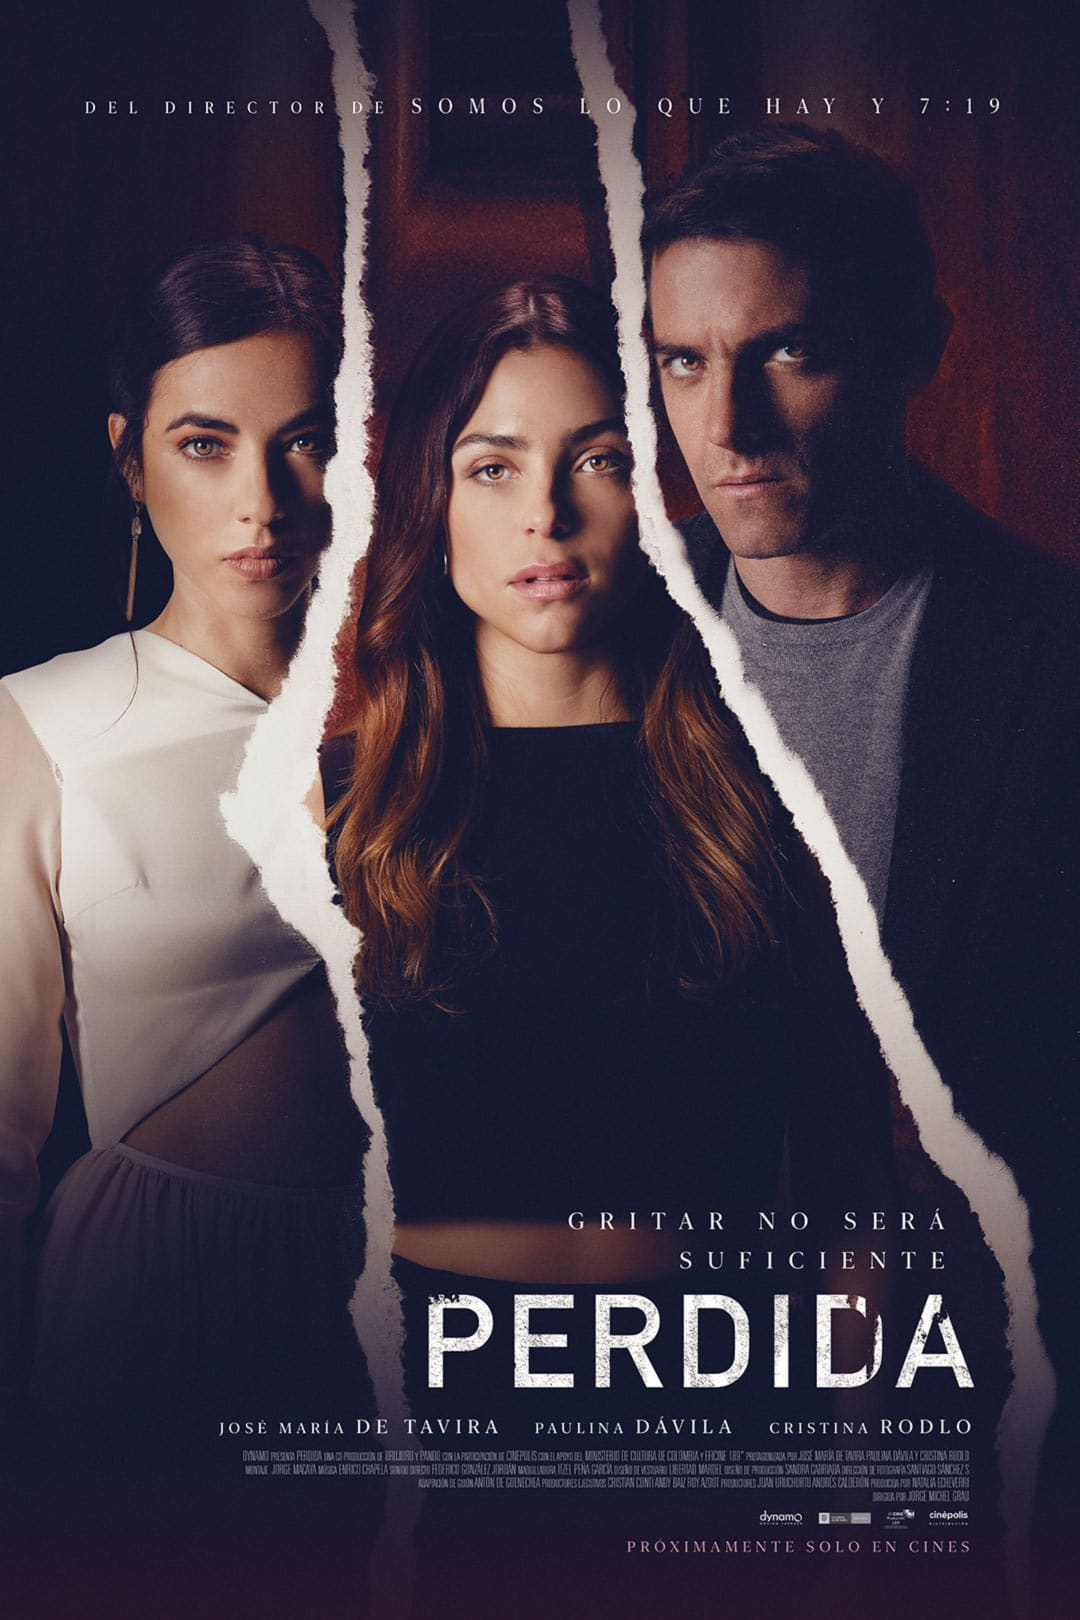 FHM21-Perdida-Poster